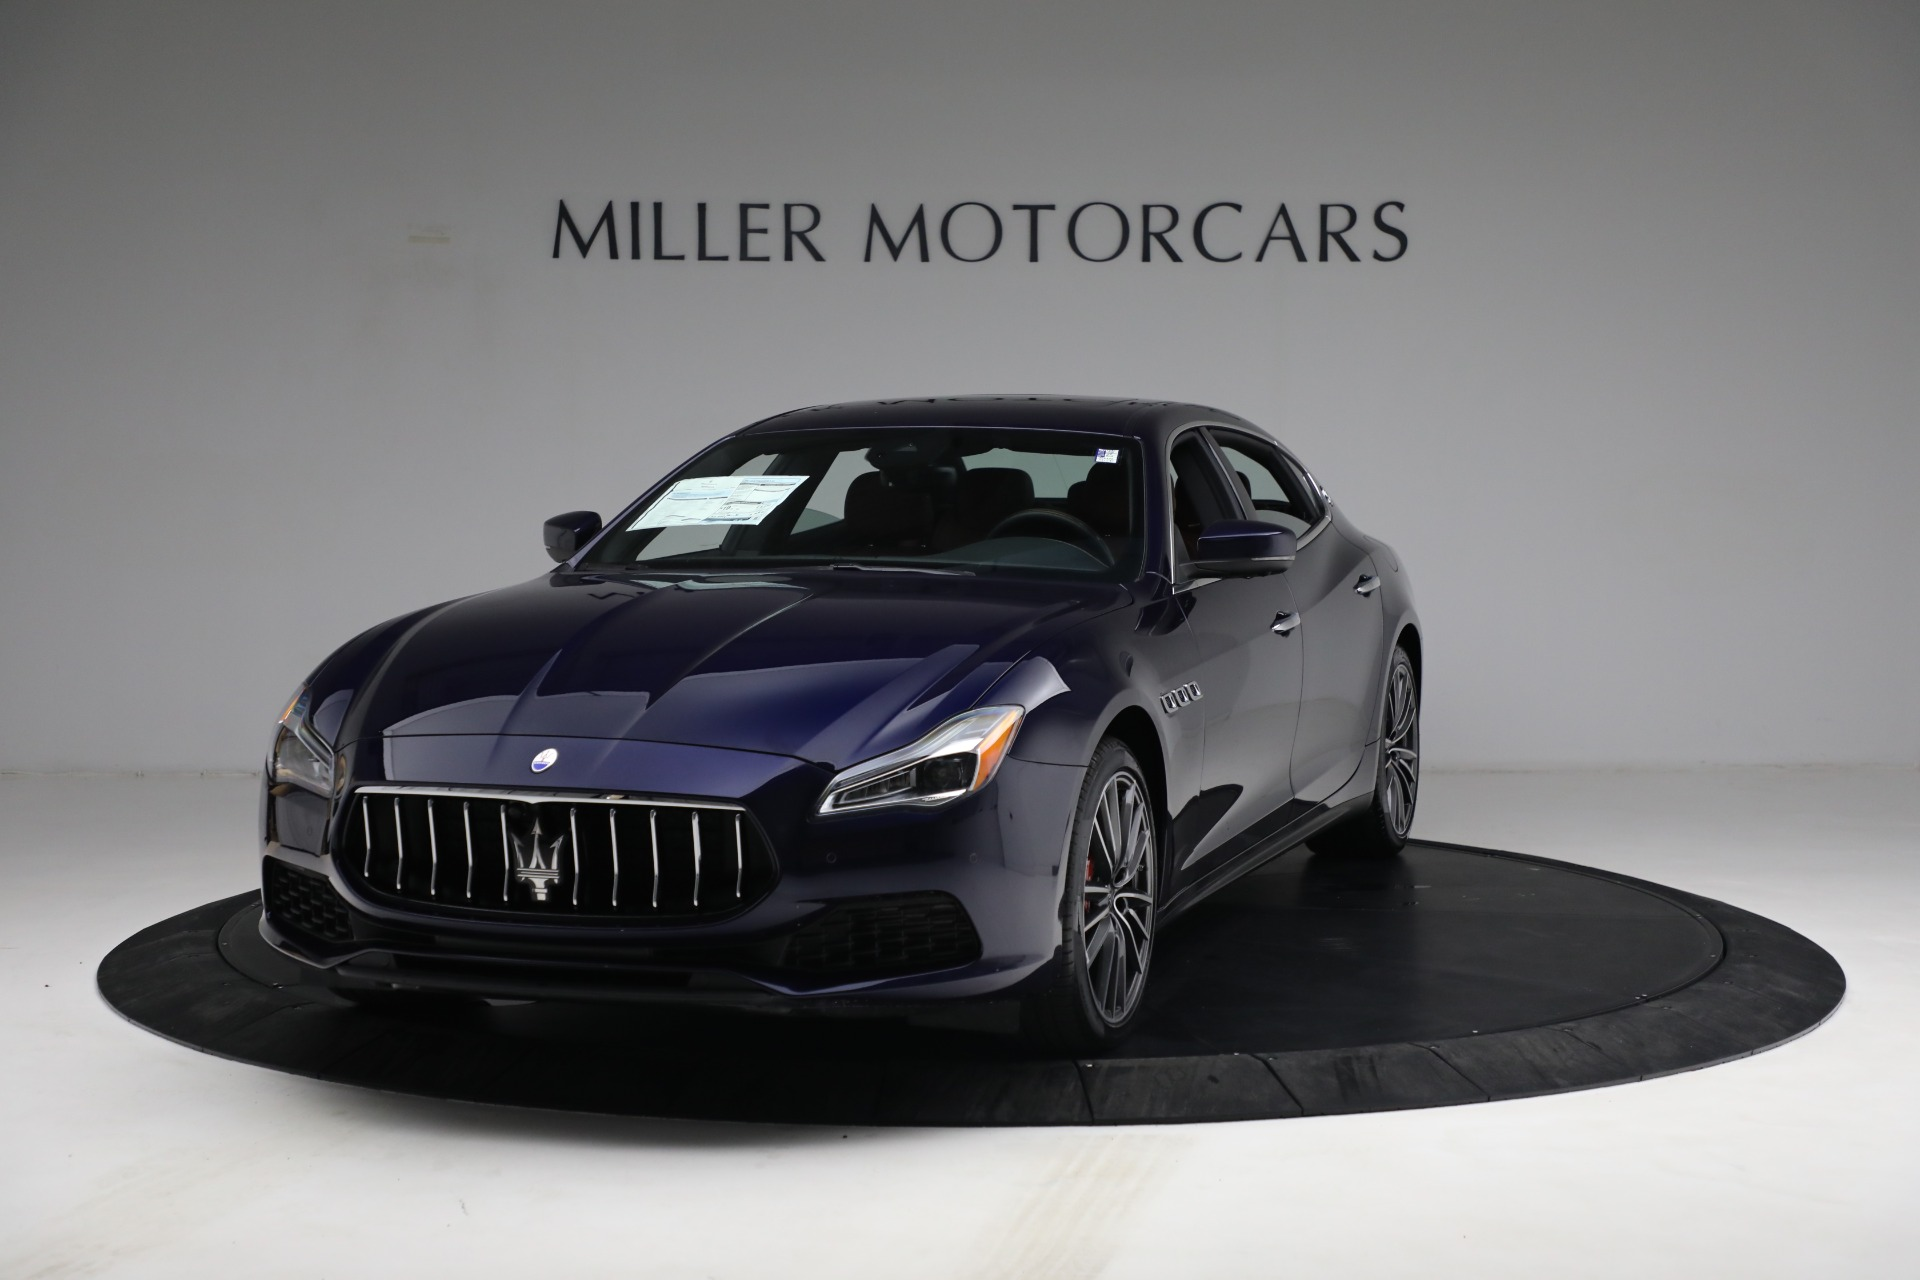 New 2021 Maserati Quattroporte S Q4 for sale $121,749 at Maserati of Greenwich in Greenwich CT 06830 1